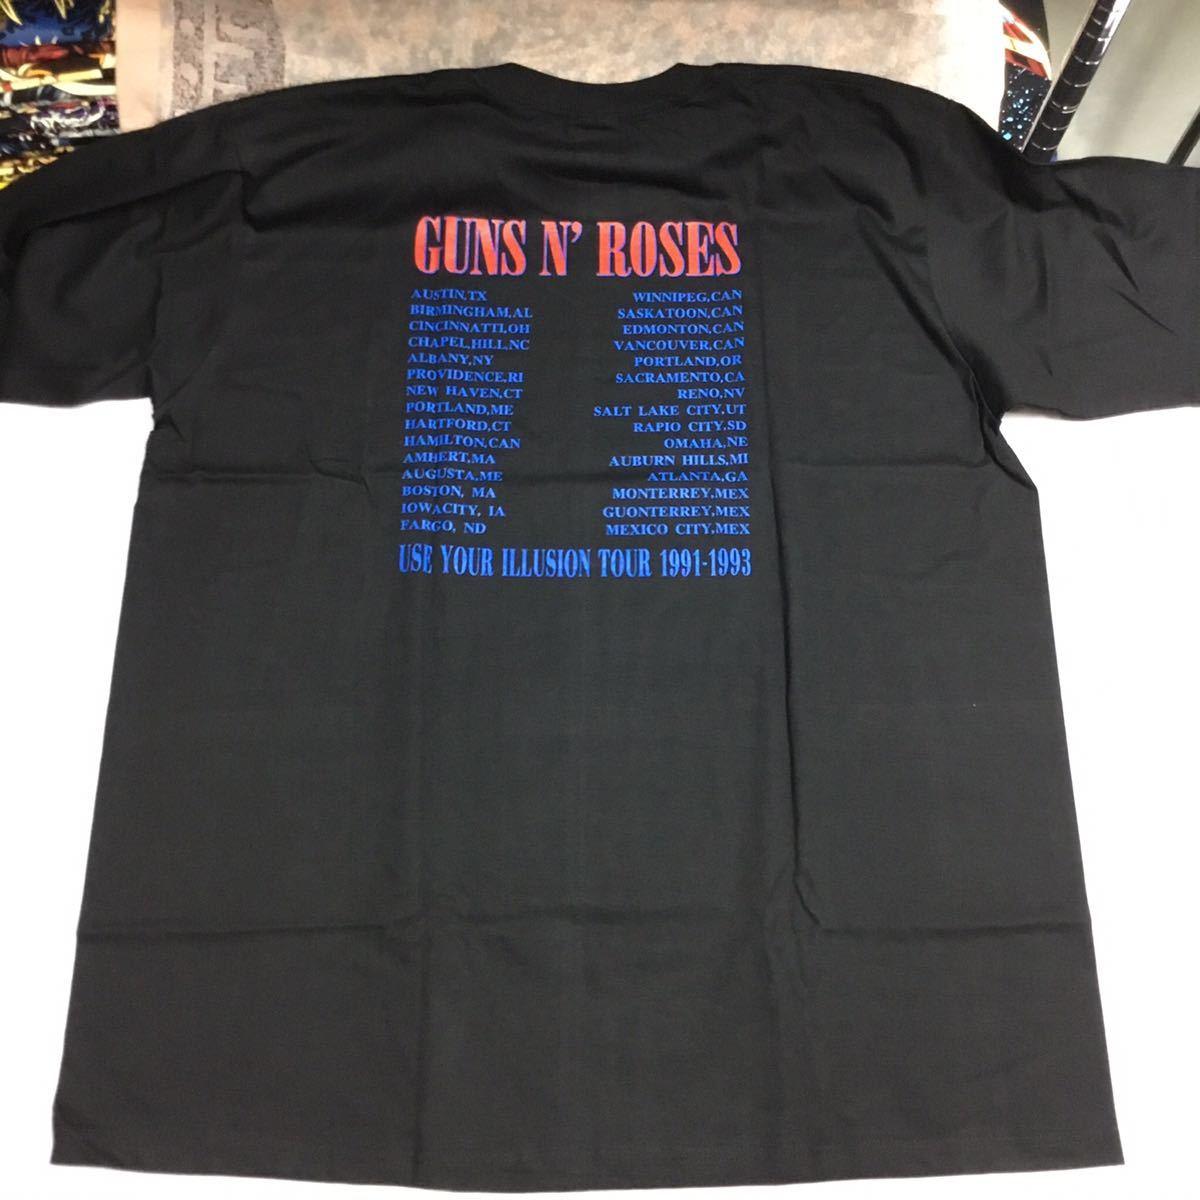 SR1A2. 両面プリントビッグサイズ バンドデザインTシャツ XXXL ガンズアンドローゼズ GNR GUNS N' ROSES ③